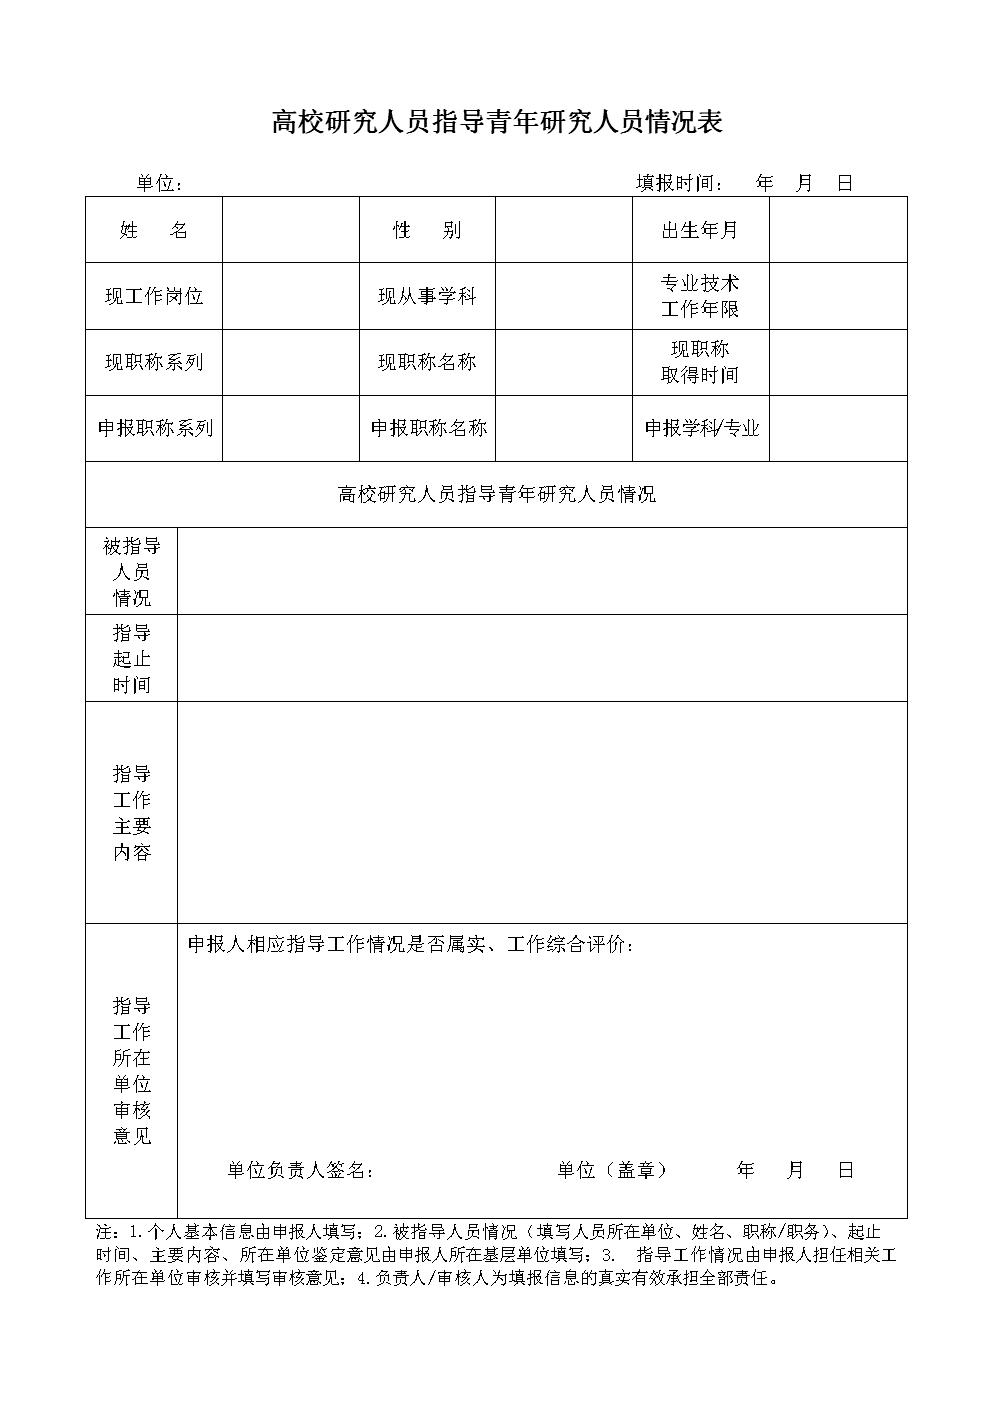 高校研究人员指导青年研究人员情况表.doc